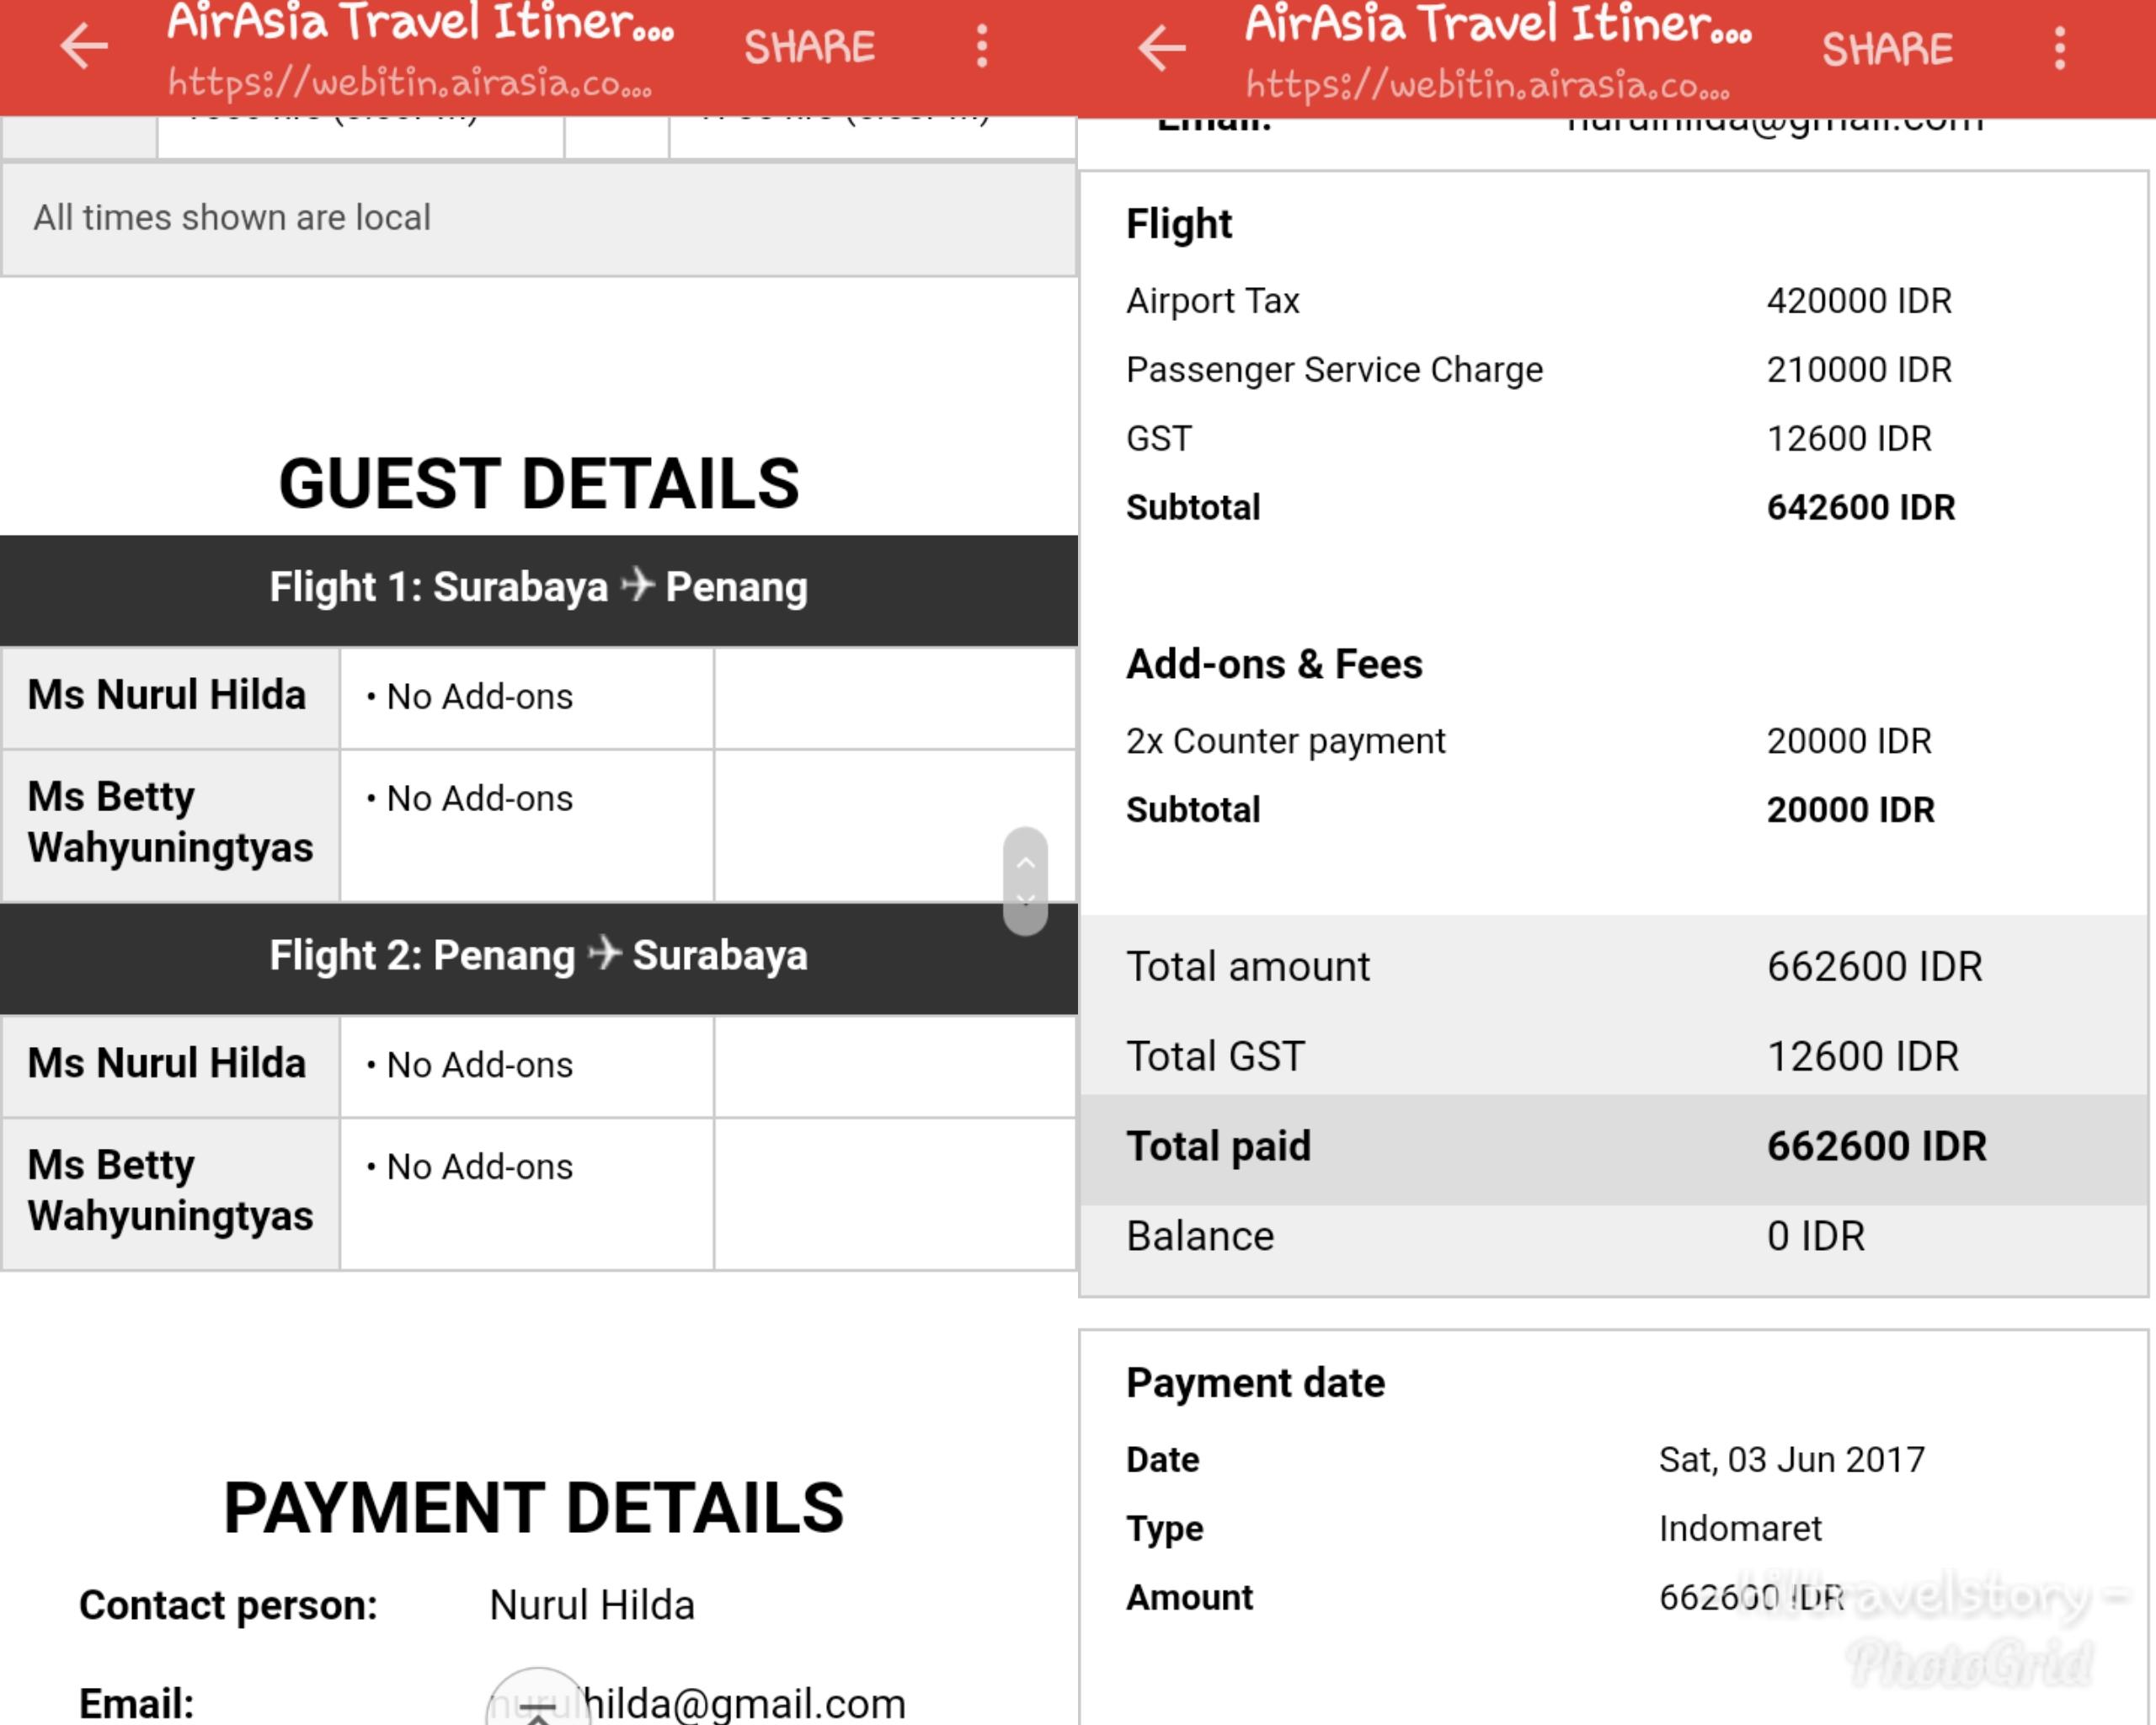 Hi Pengalaman Berburu Kursi Gratis Air Asia Travel Story Like Follow Instagram Semua Negara Tiket Pp Dari Surabaya Ke Penang Saya Issued Untuk 2 Seat Dapet Harga Rp 662000 Jadi Perorang 331000 Aja Murah Banget Kan Normalnya Bisa